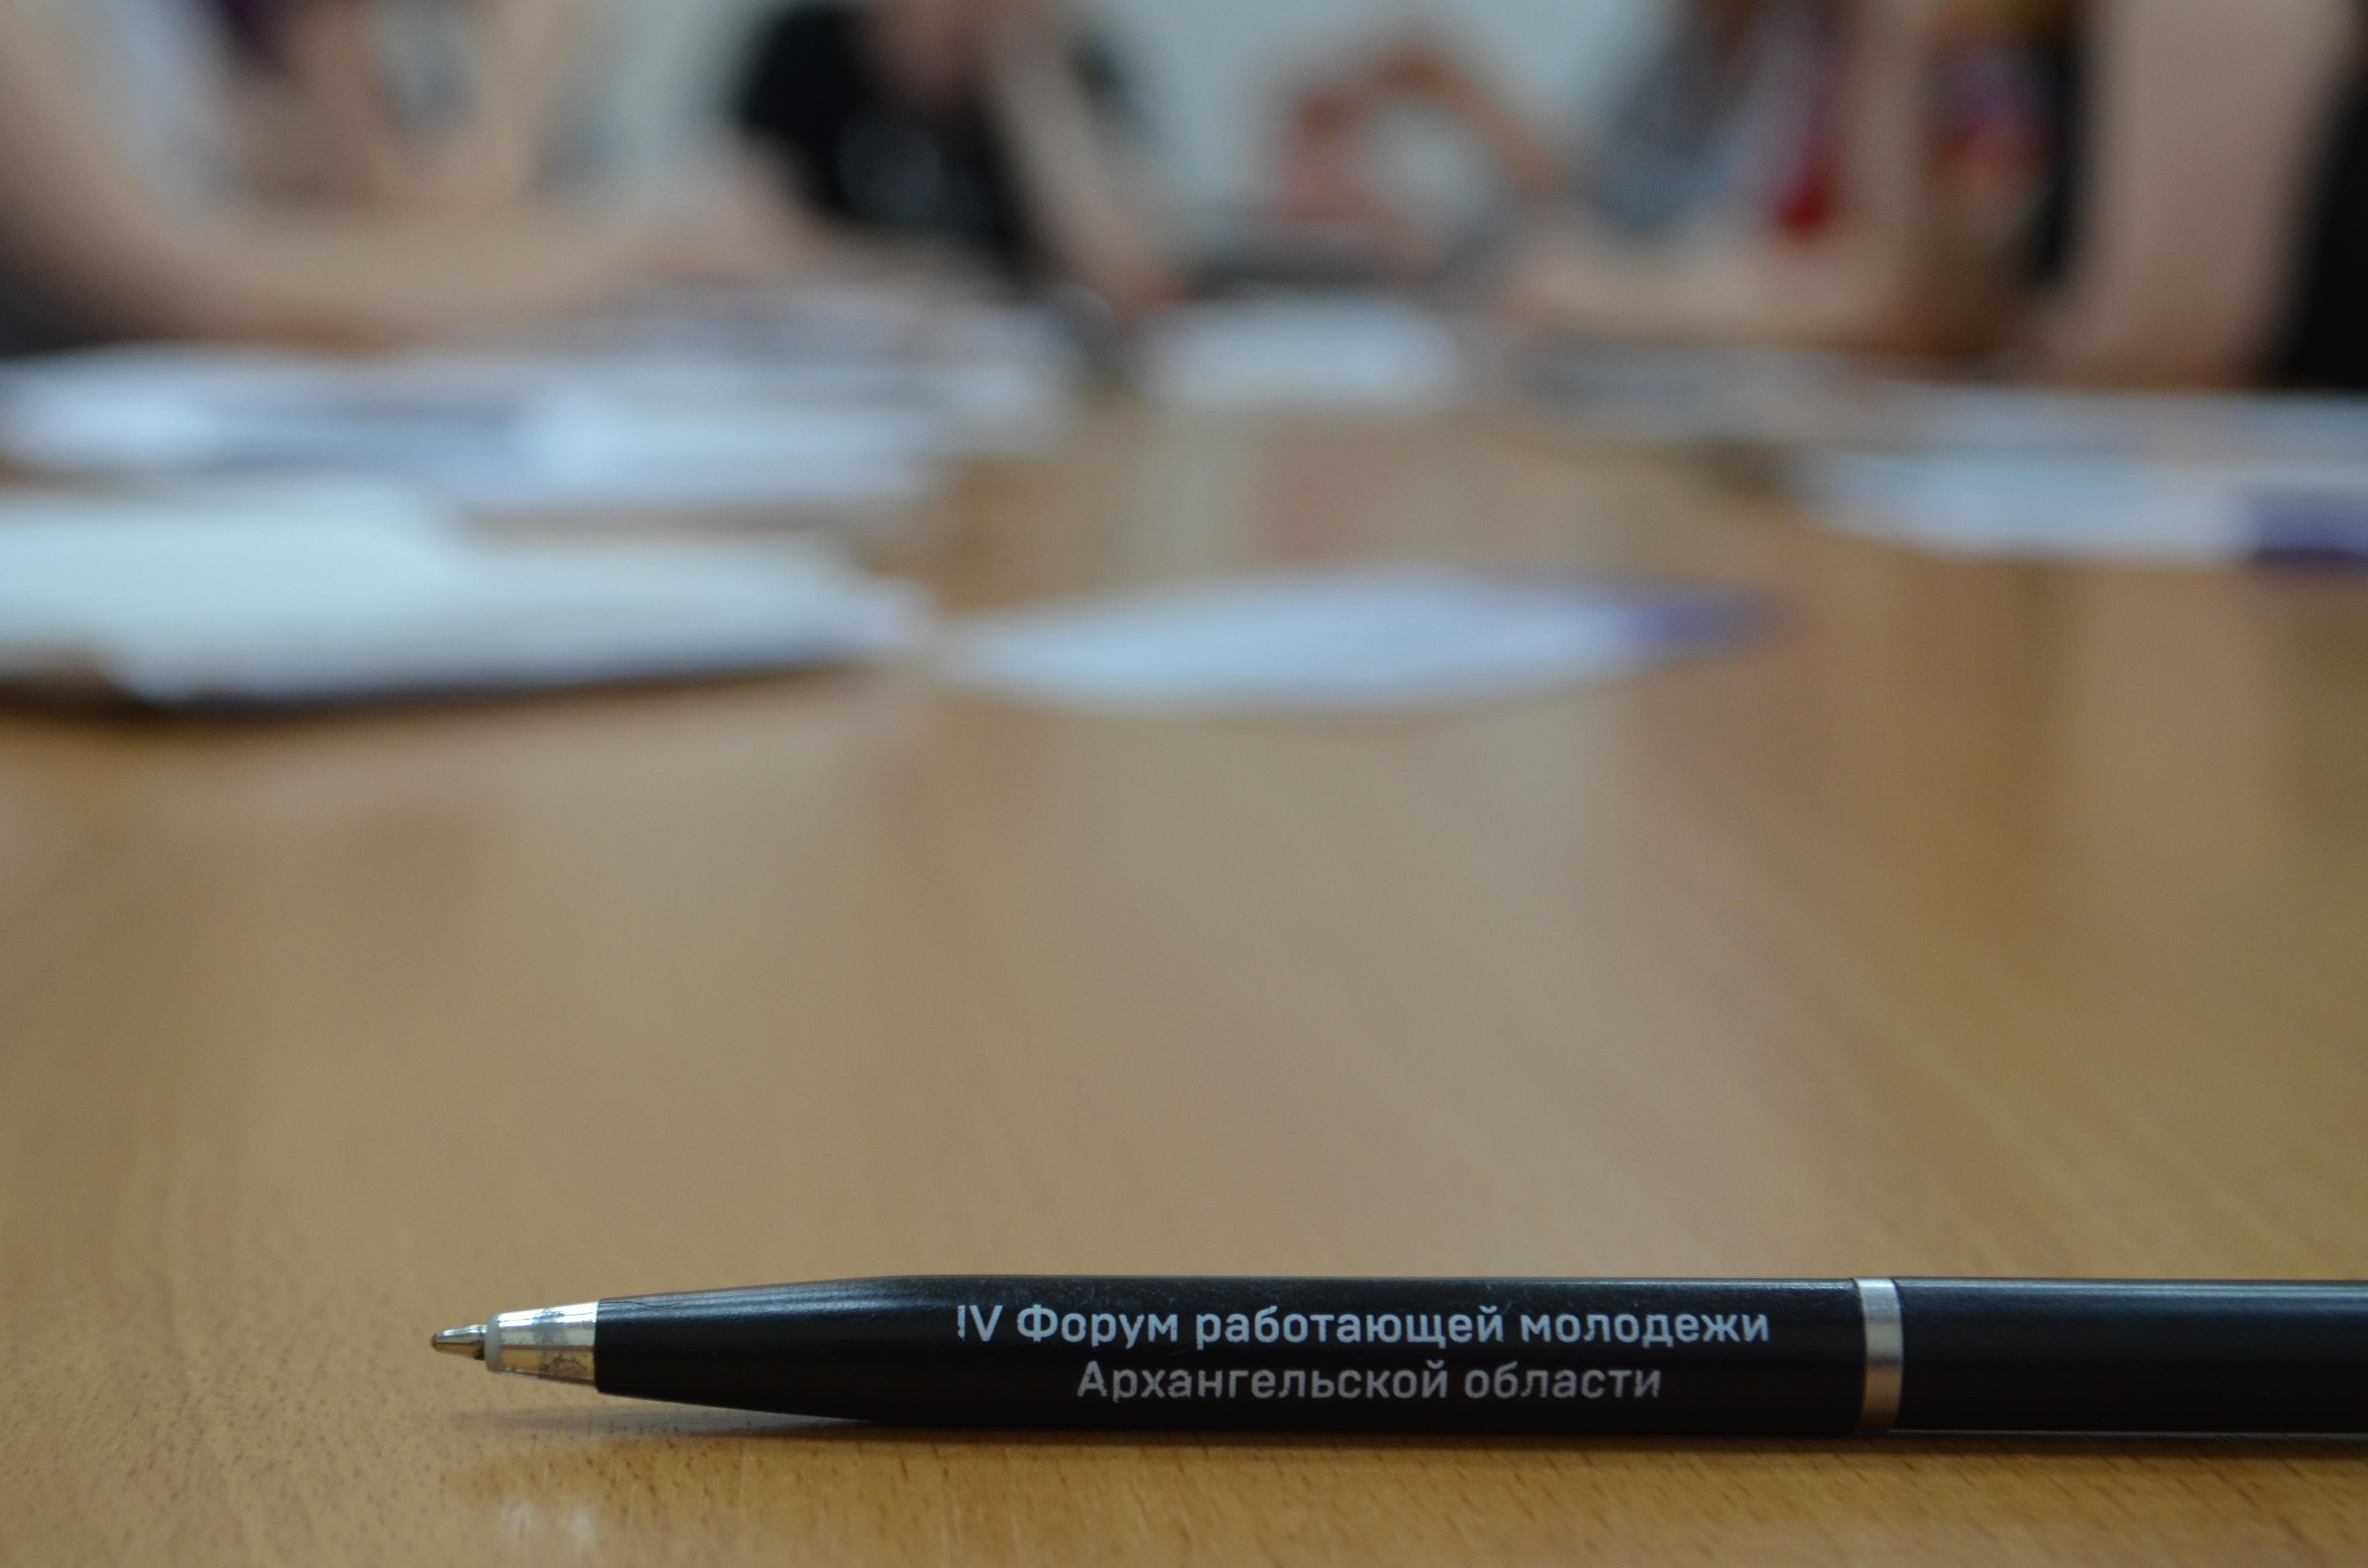 Началась подготовка V Форума работающей молодежи